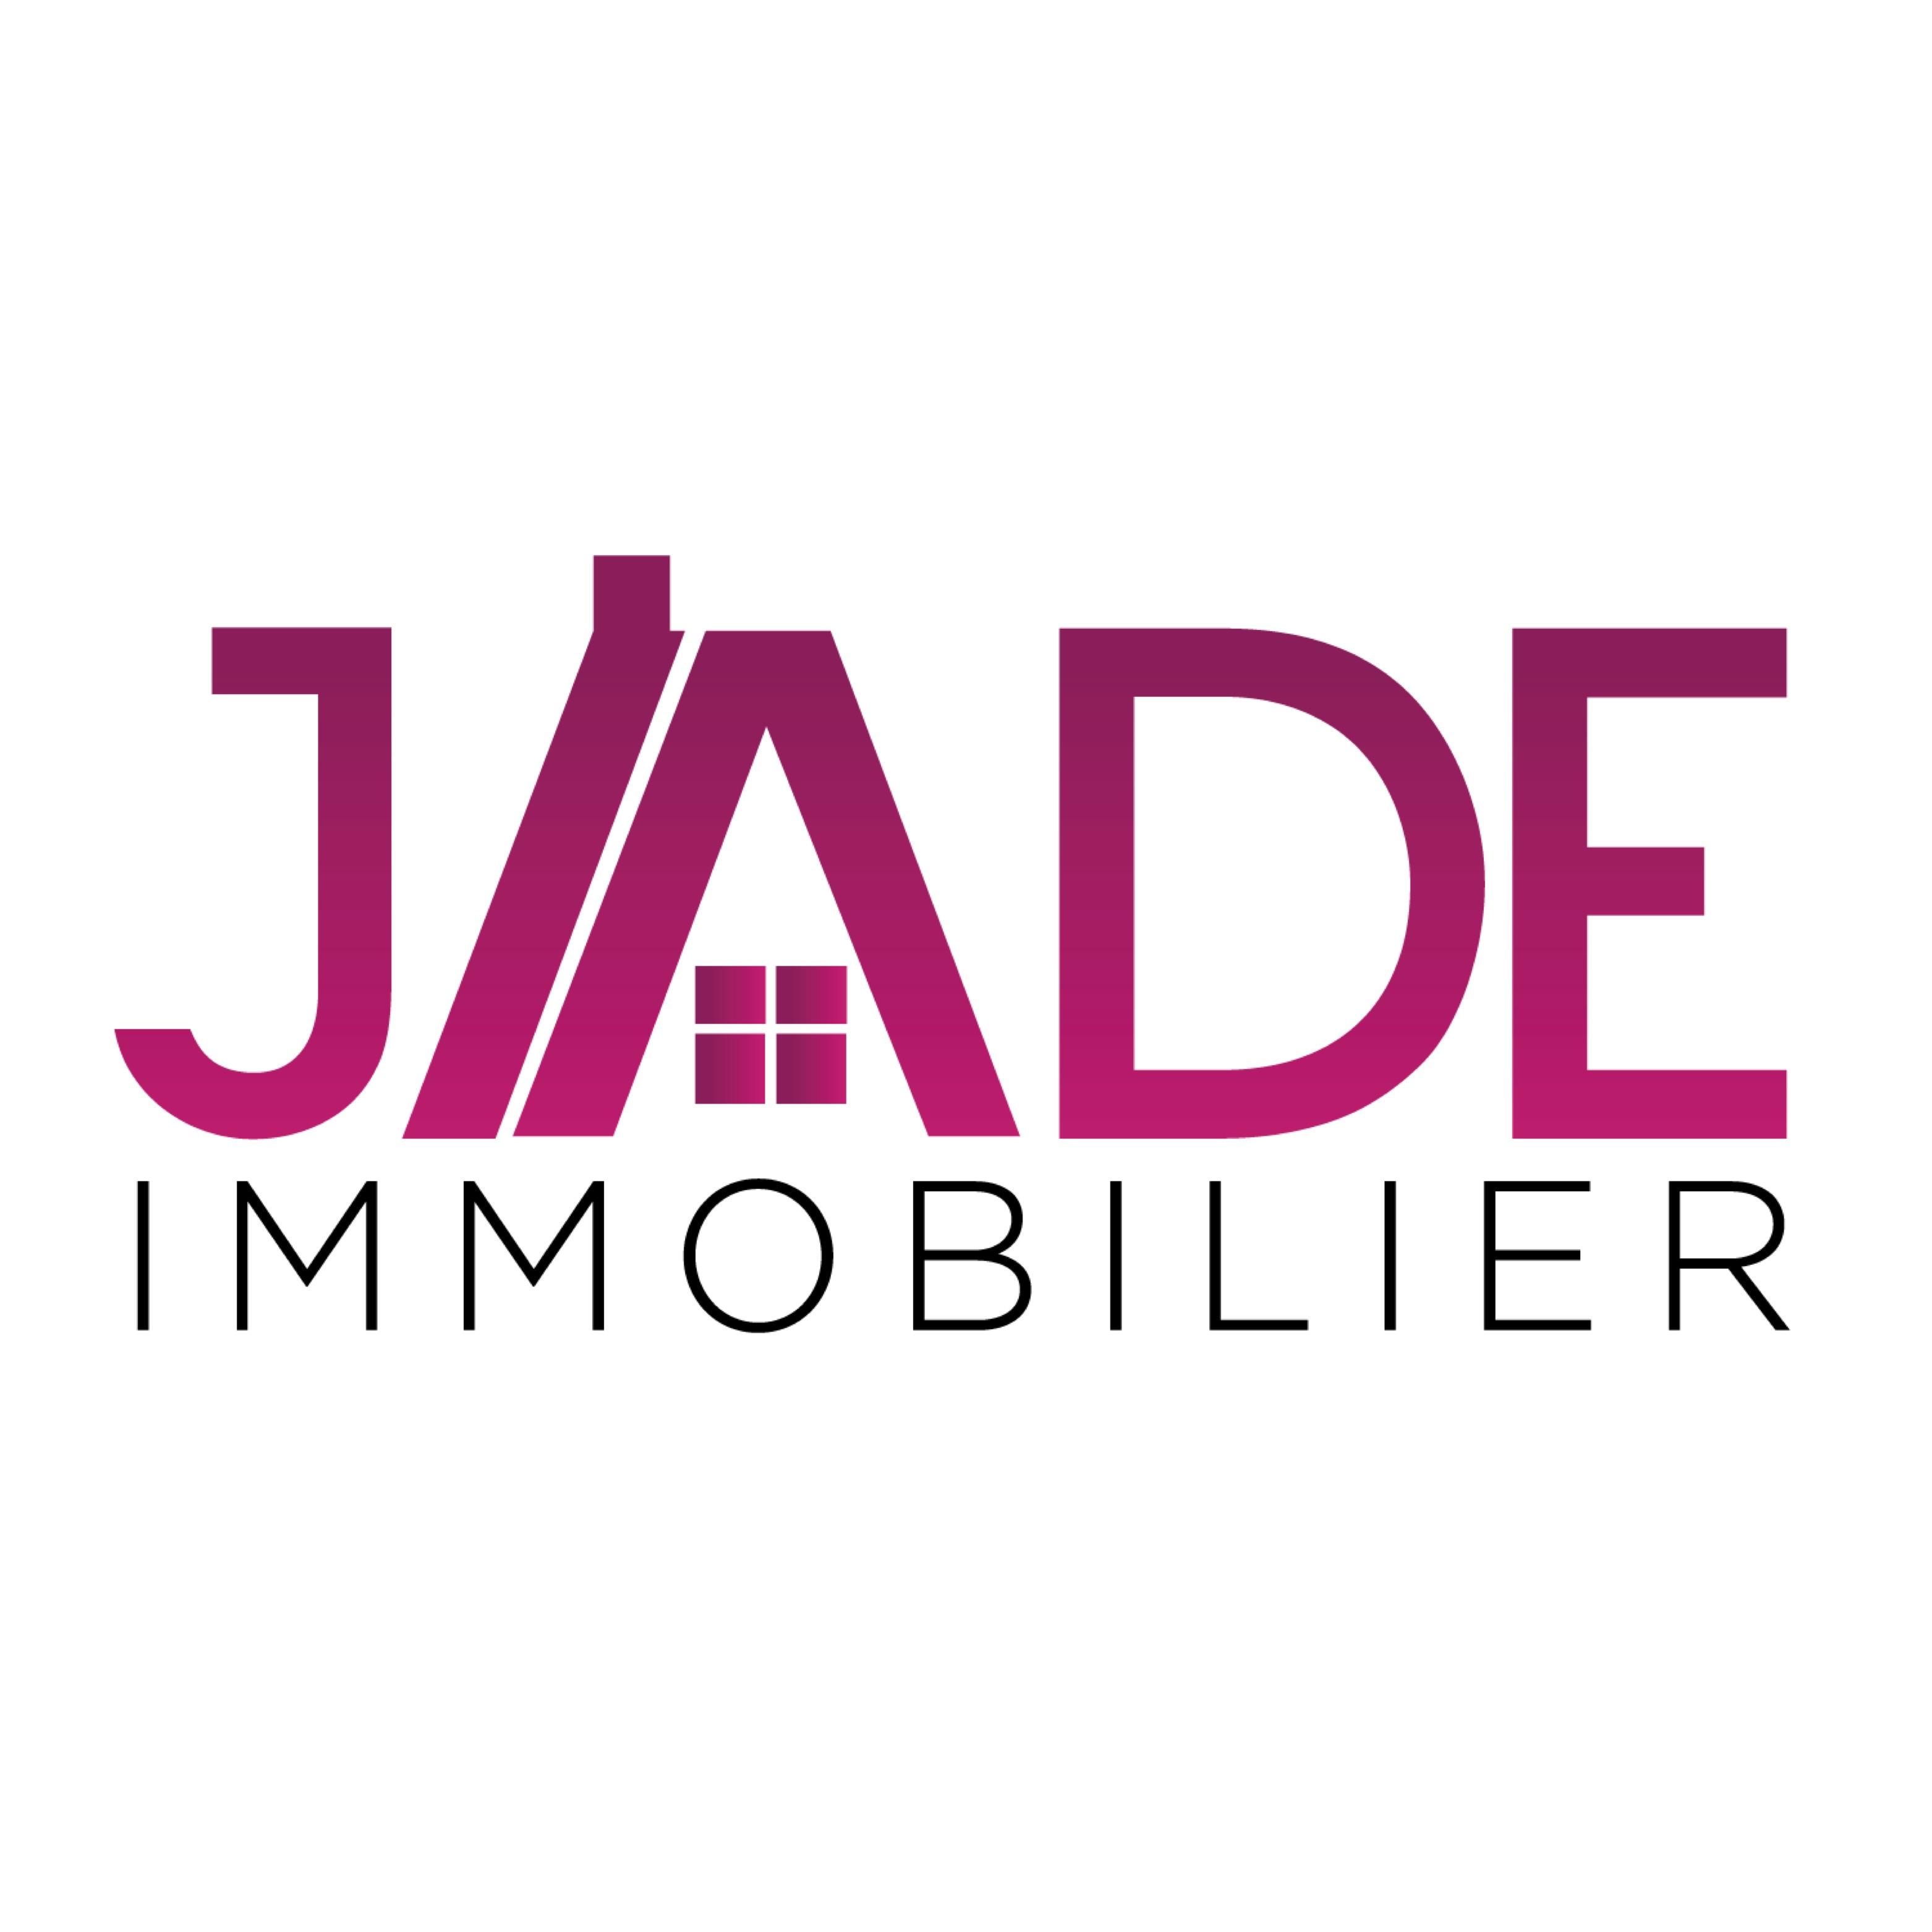 Jade Immobilier agence immobilière Bastia 20200